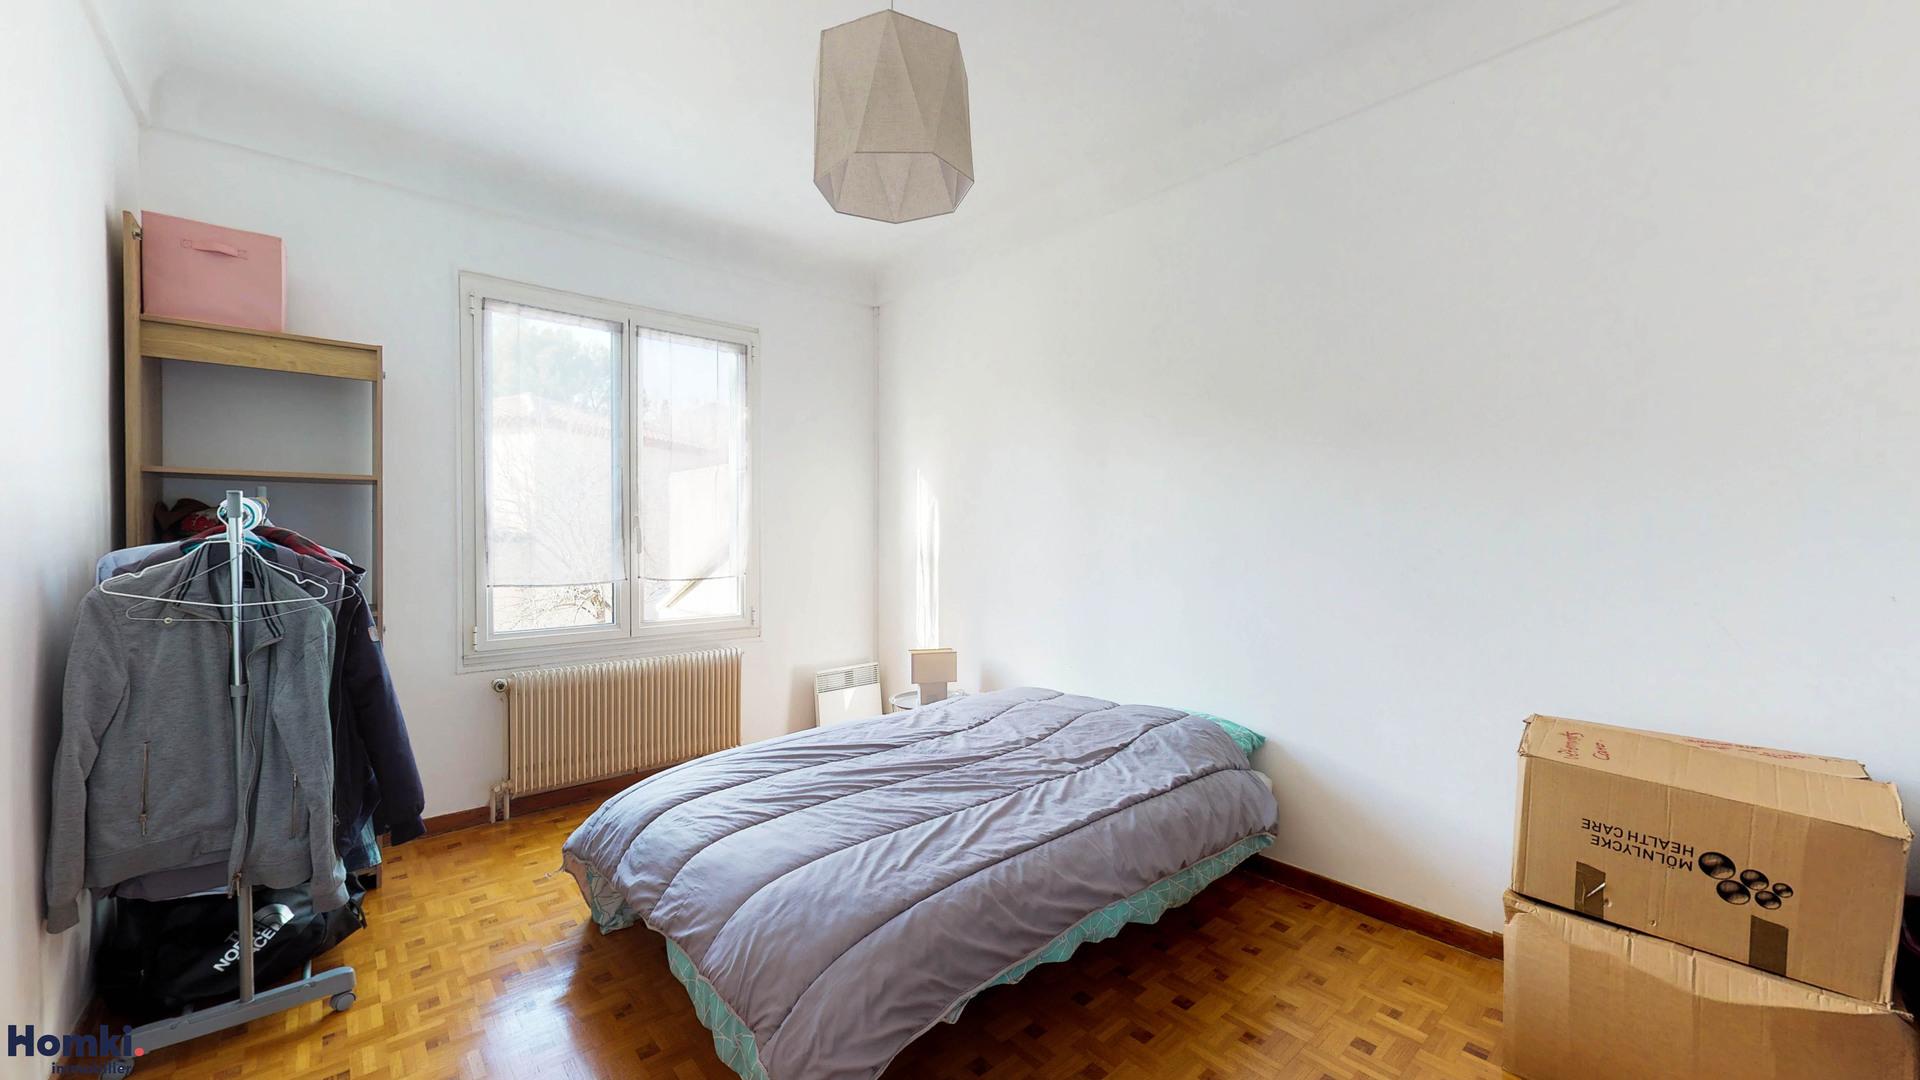 Vente Appartement 104 m² T4 13400 Aubagne_9